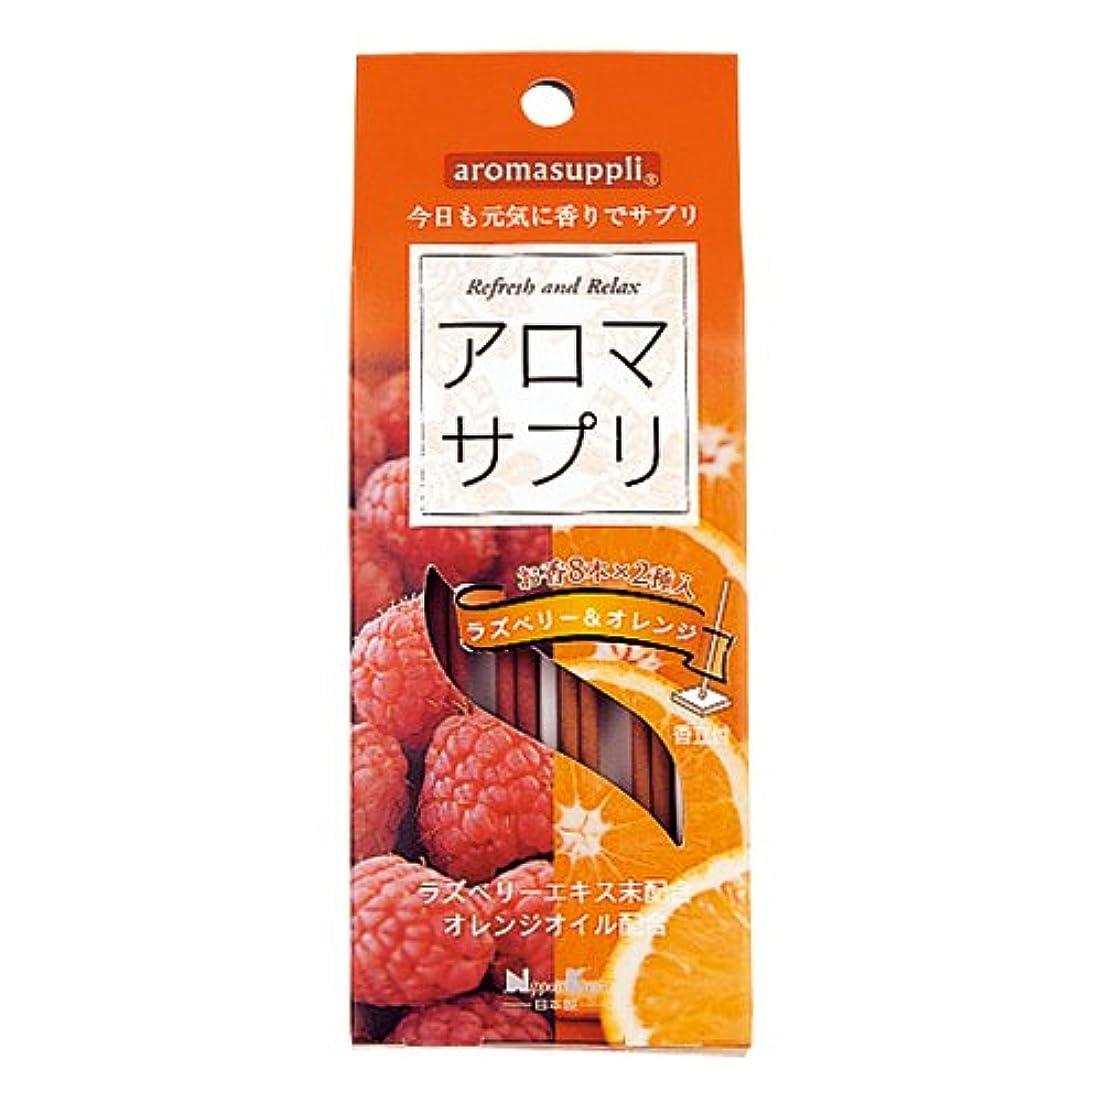 がっかりする気づくロータリー【X10個セット】 アロマサプリ ラズベリー&オレンジ 8本入×2種